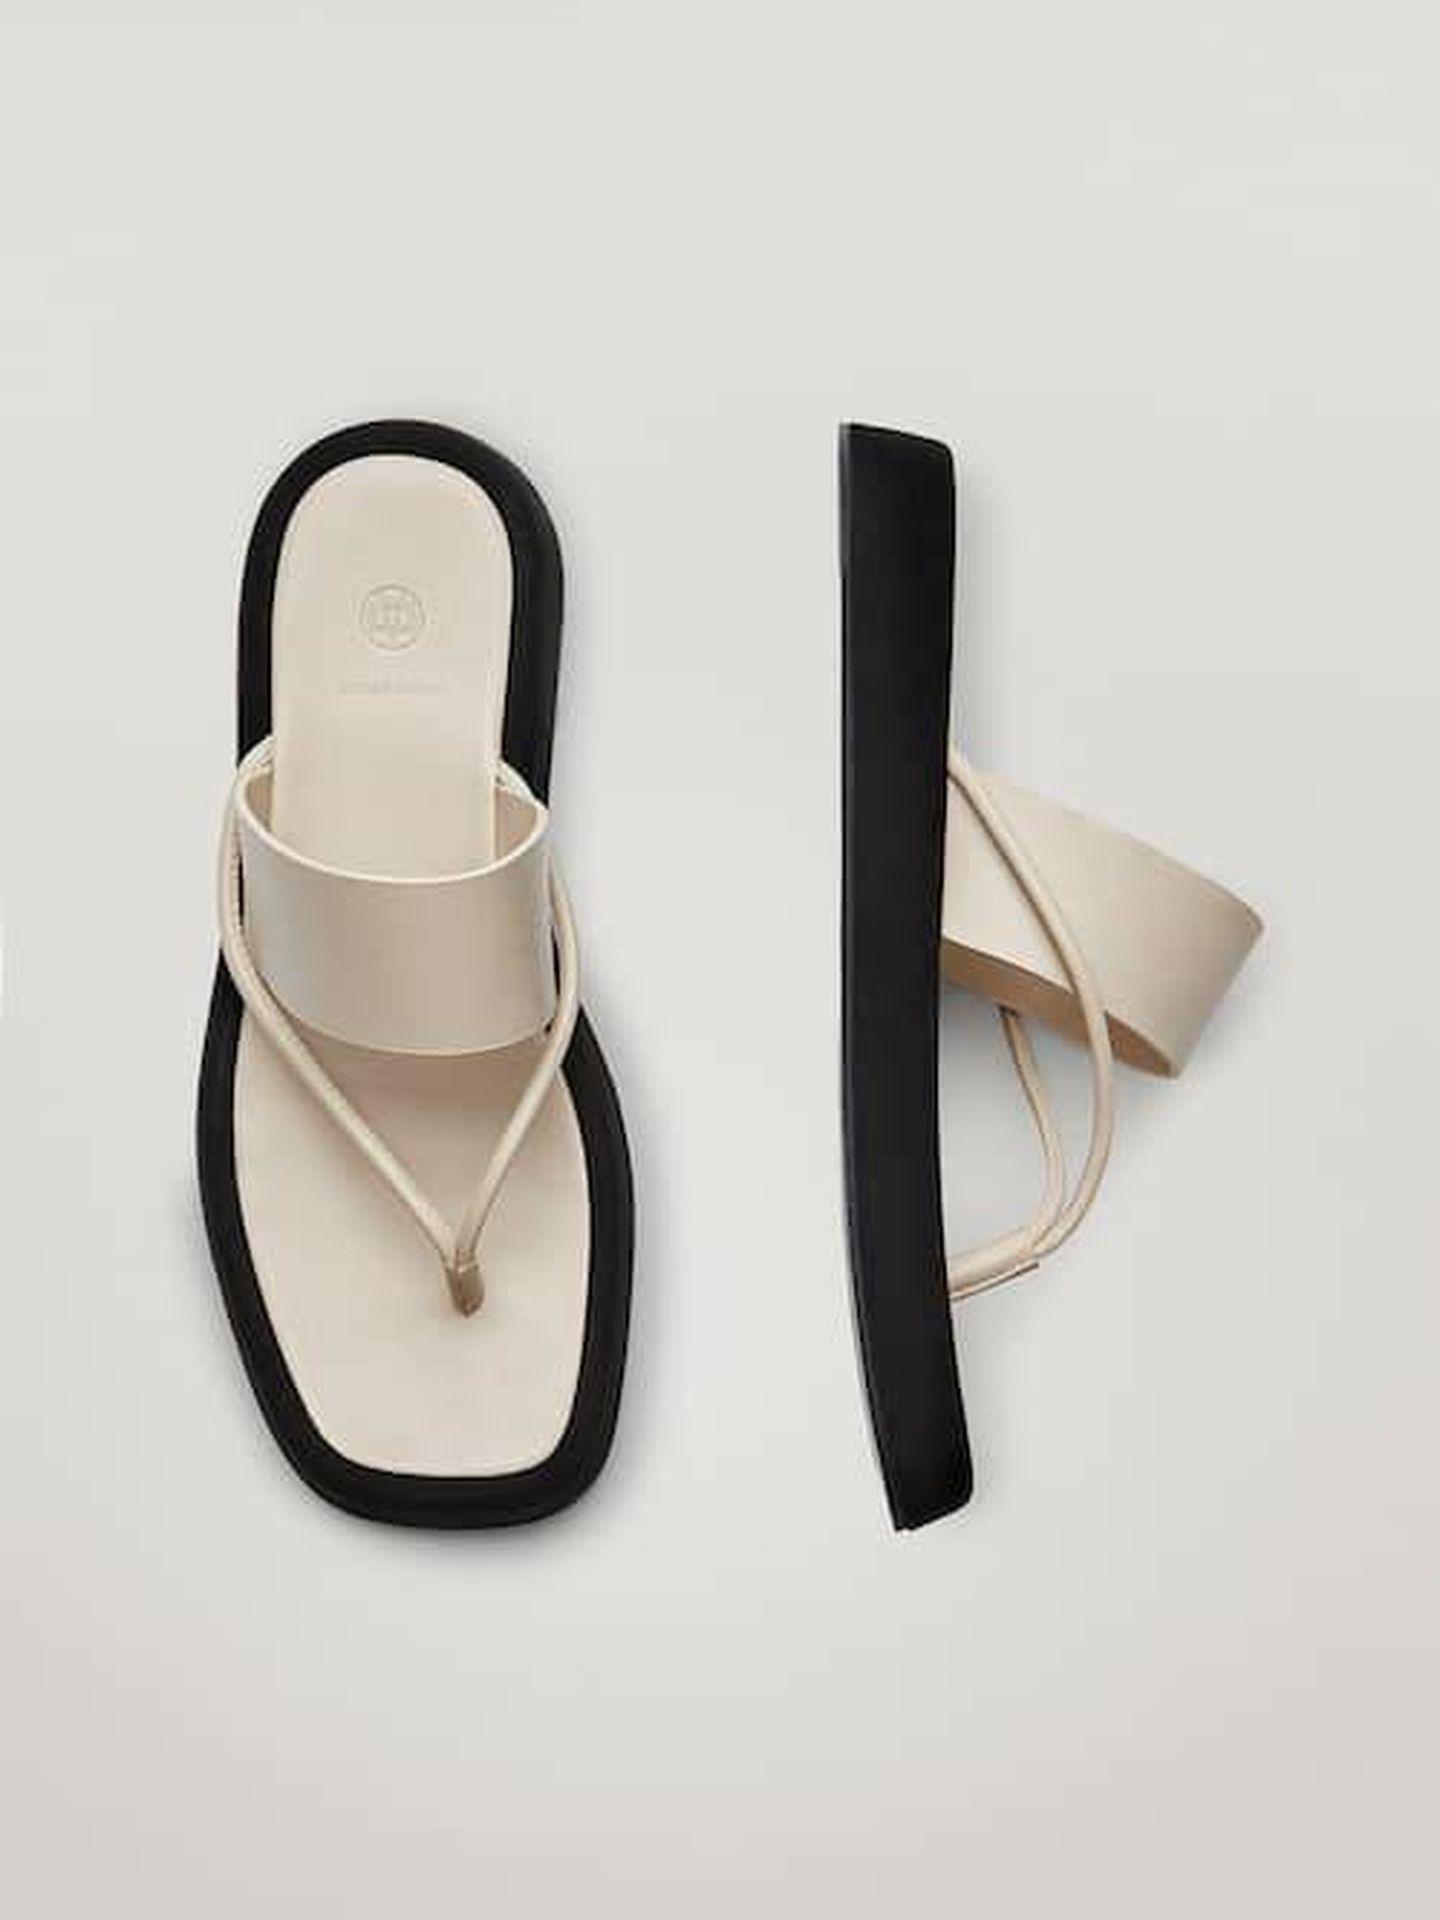 Las sandalias de Massimo Dutti. (Cortesía)